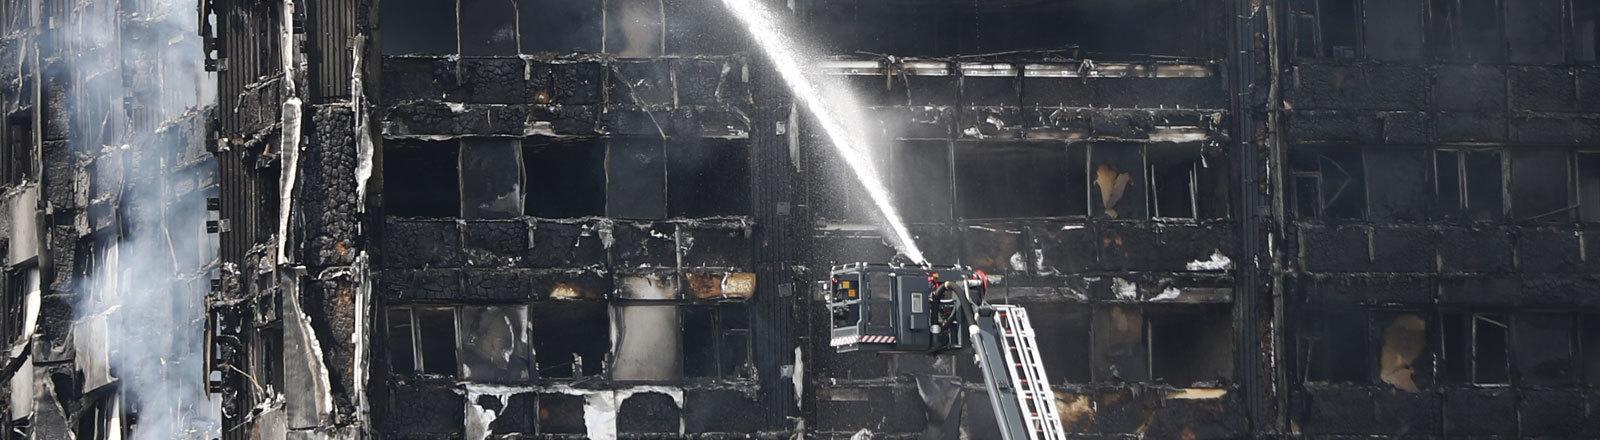 Feuerwehrleute spritzen am 14.06.2017 in London (Großbritannien) Wasser auf das noch rauchende Hochhaus. Bei dem Brand eines Hochhauses im Zentrum Londons sind mehrere Menschen ums Leben gekommen. Das Feuer war in der Nacht ausgebrochen, am frühen Morgen stand das Gebäude mit mehr als 20 Stockwerken noch lichterloh in Flammen.